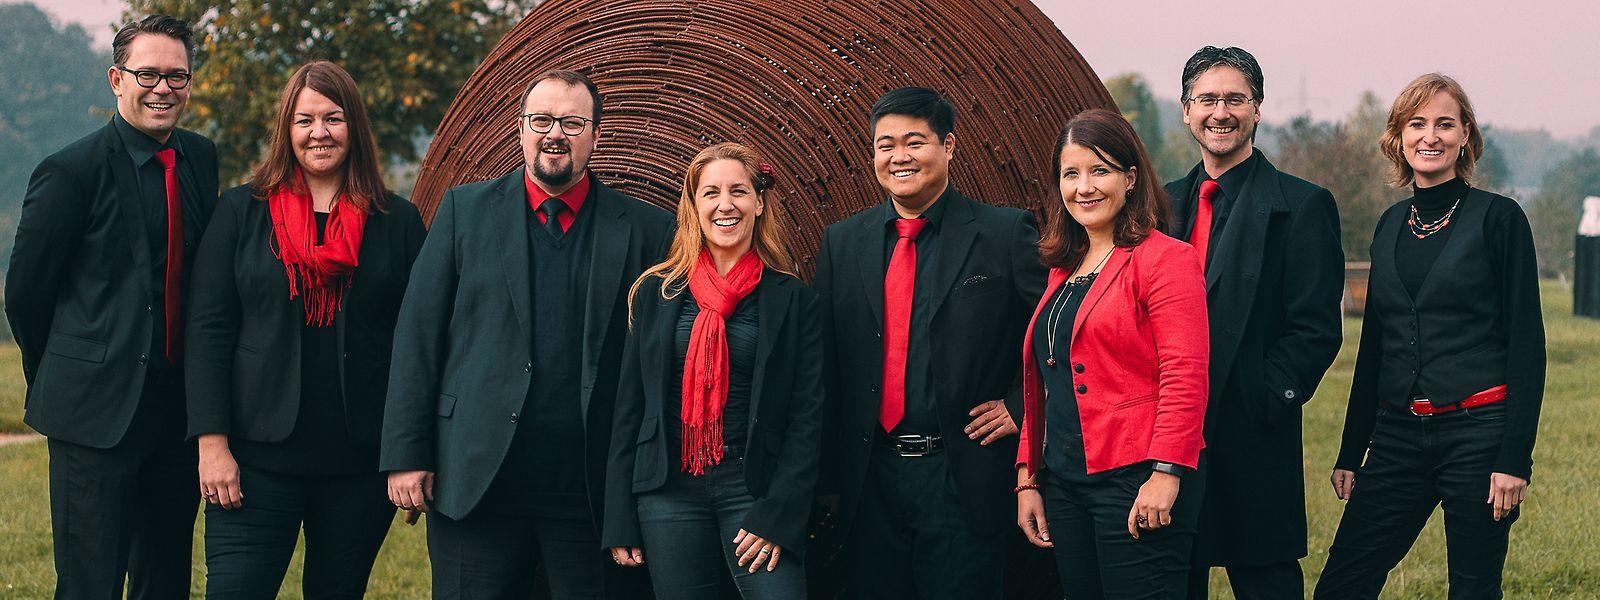 Das Ensemble Picante entführt zusammen mit dem Orchester Ad Libitum am kommenden Sonntag in die Welt der barocken Musik.